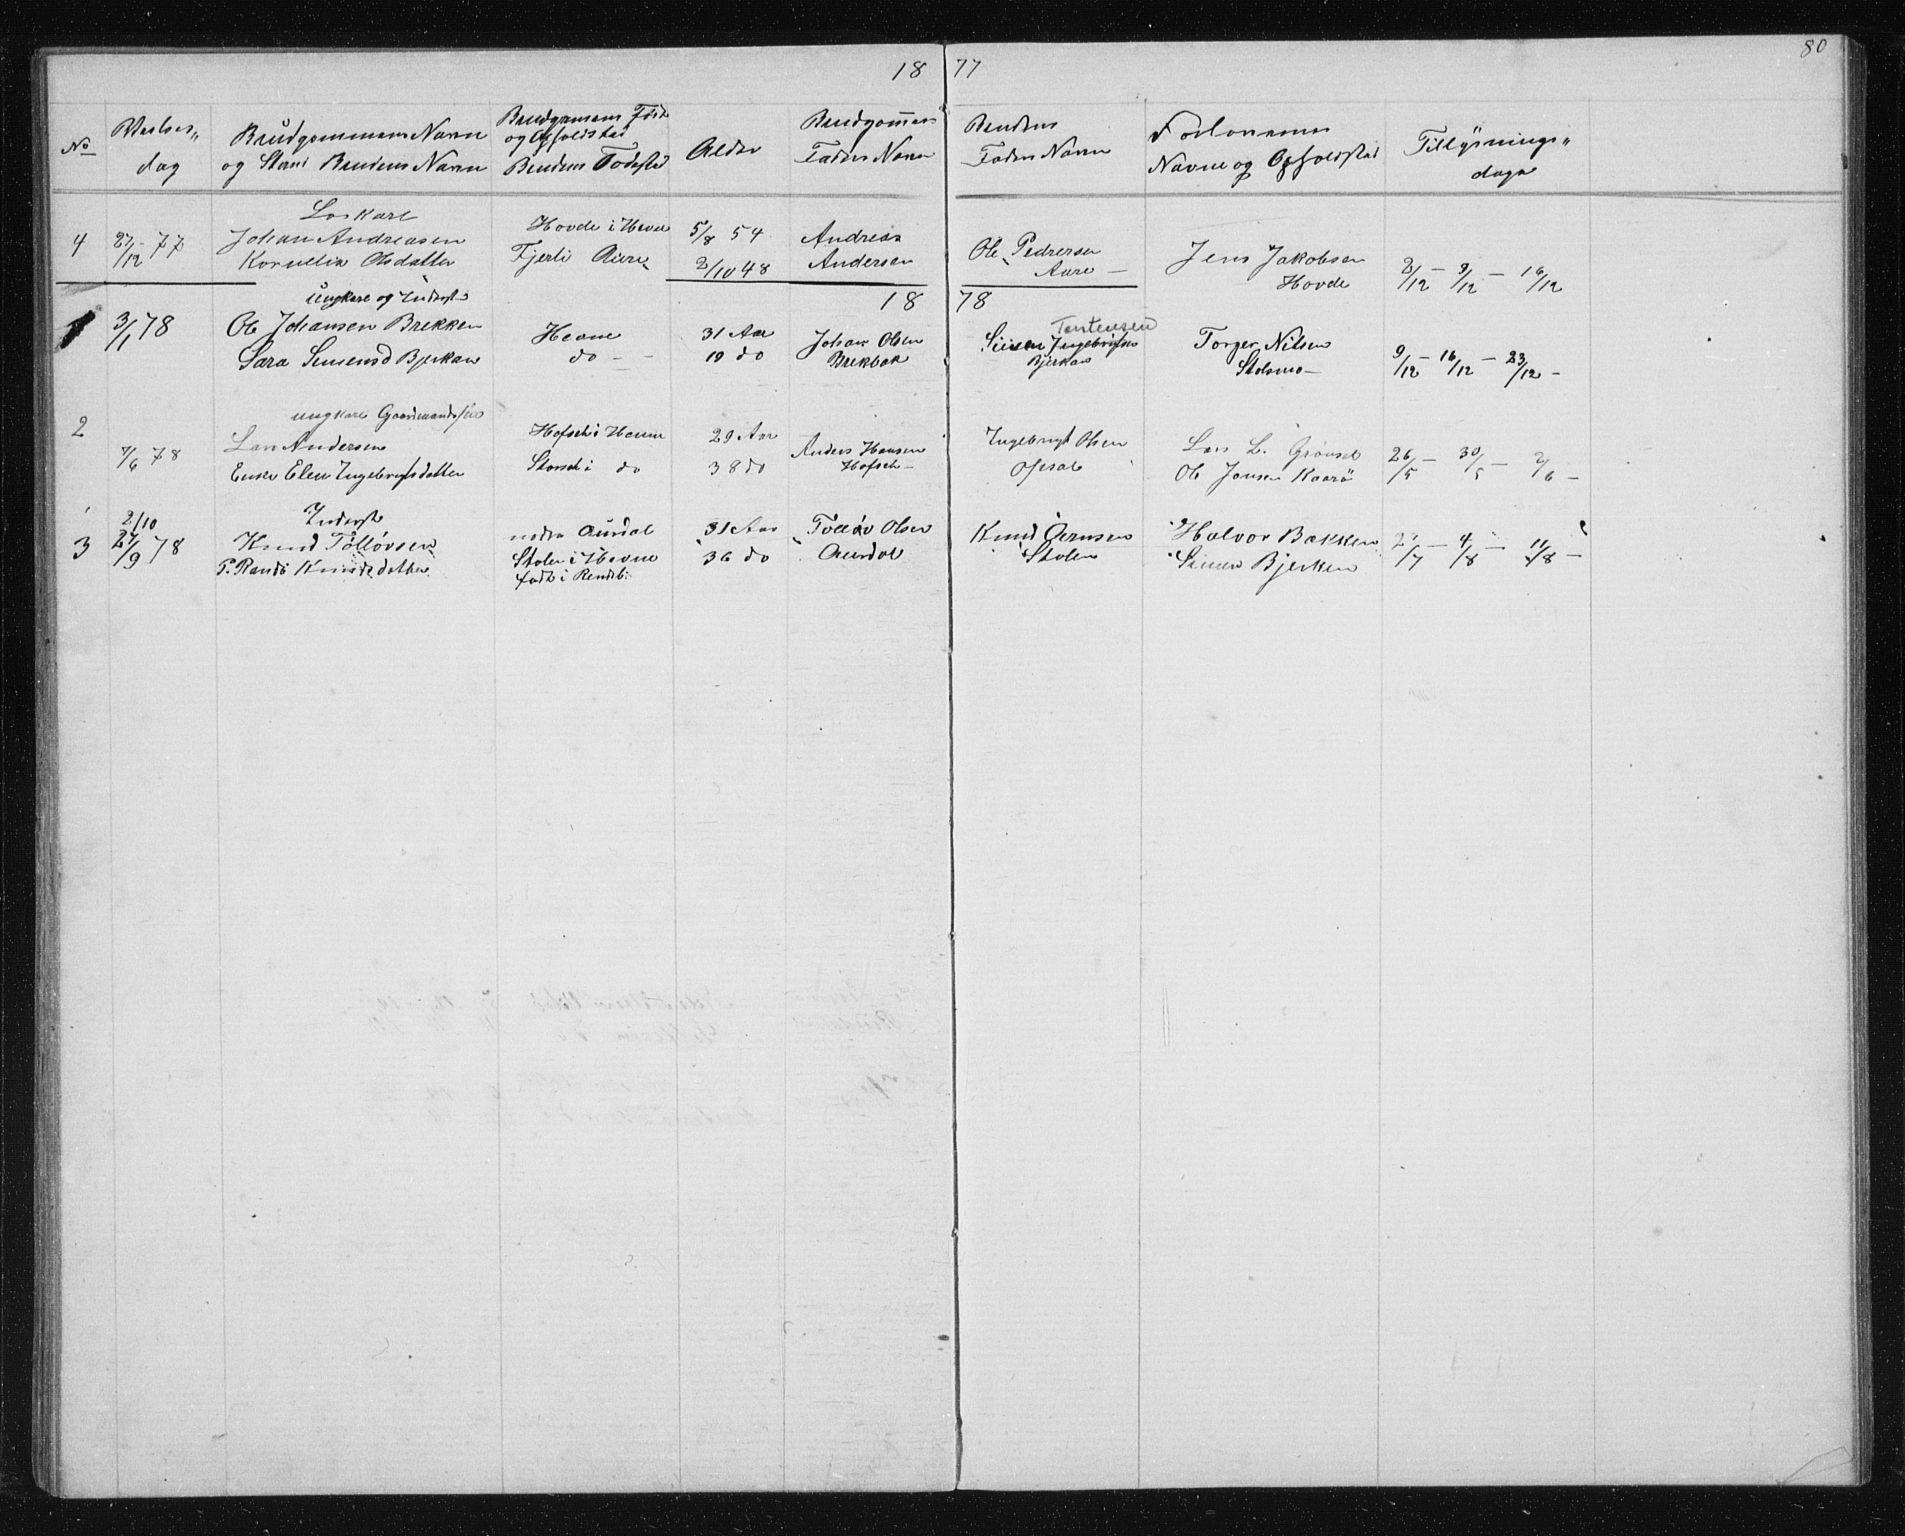 SAT, Ministerialprotokoller, klokkerbøker og fødselsregistre - Sør-Trøndelag, 631/L0513: Klokkerbok nr. 631C01, 1869-1879, s. 80